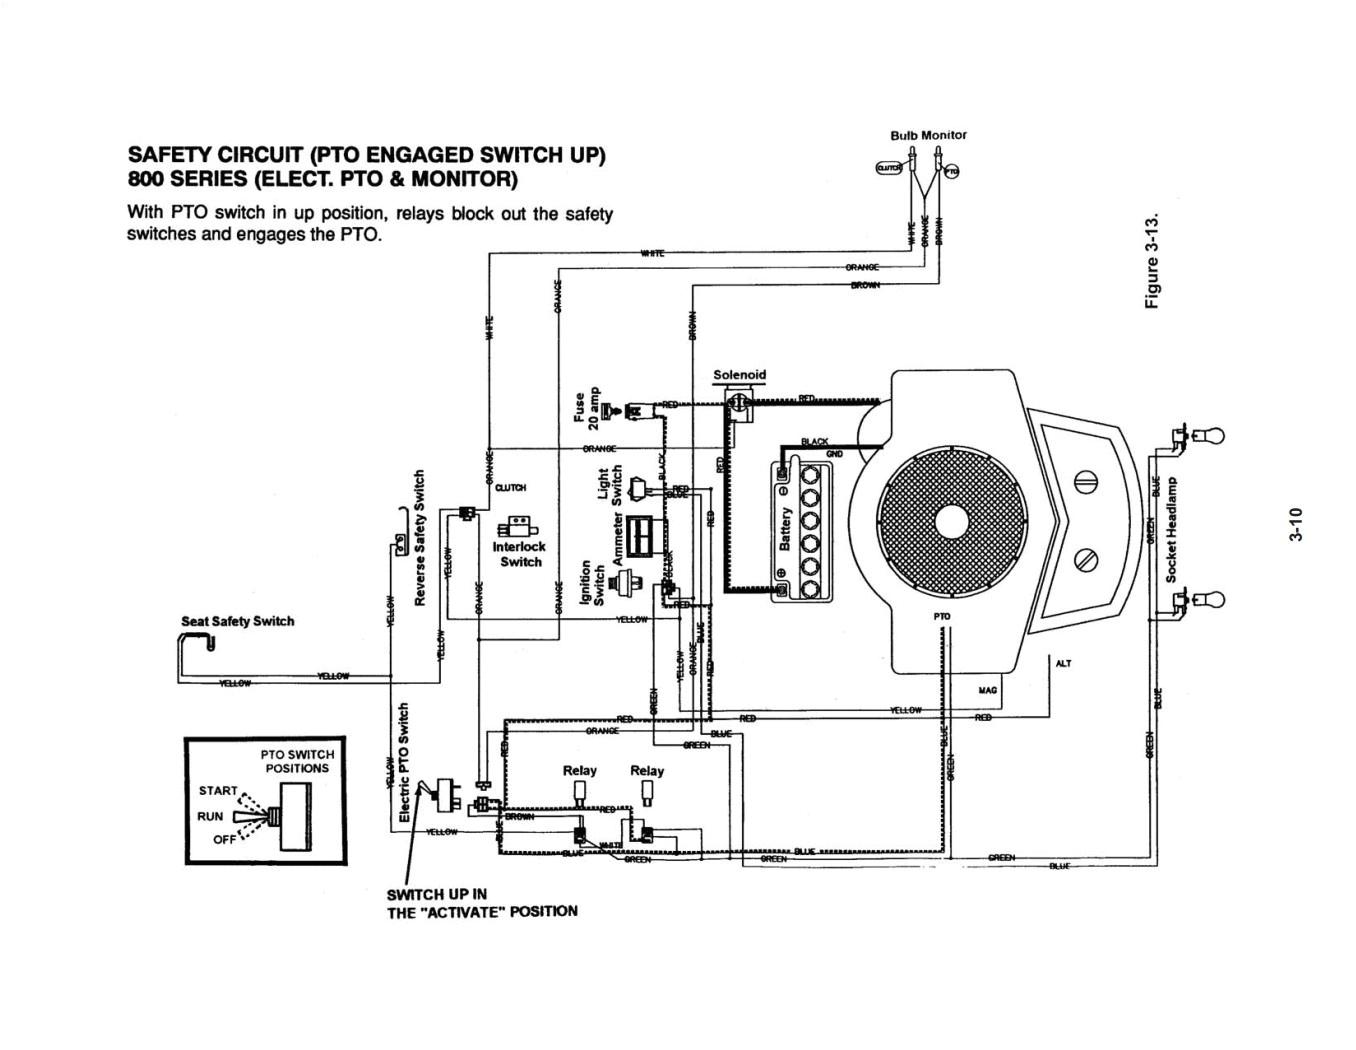 10 hp briggs and stratton fuel pump diagram wiring wiring diagram 14 hp briggs and stratton carburetor diagram wiring